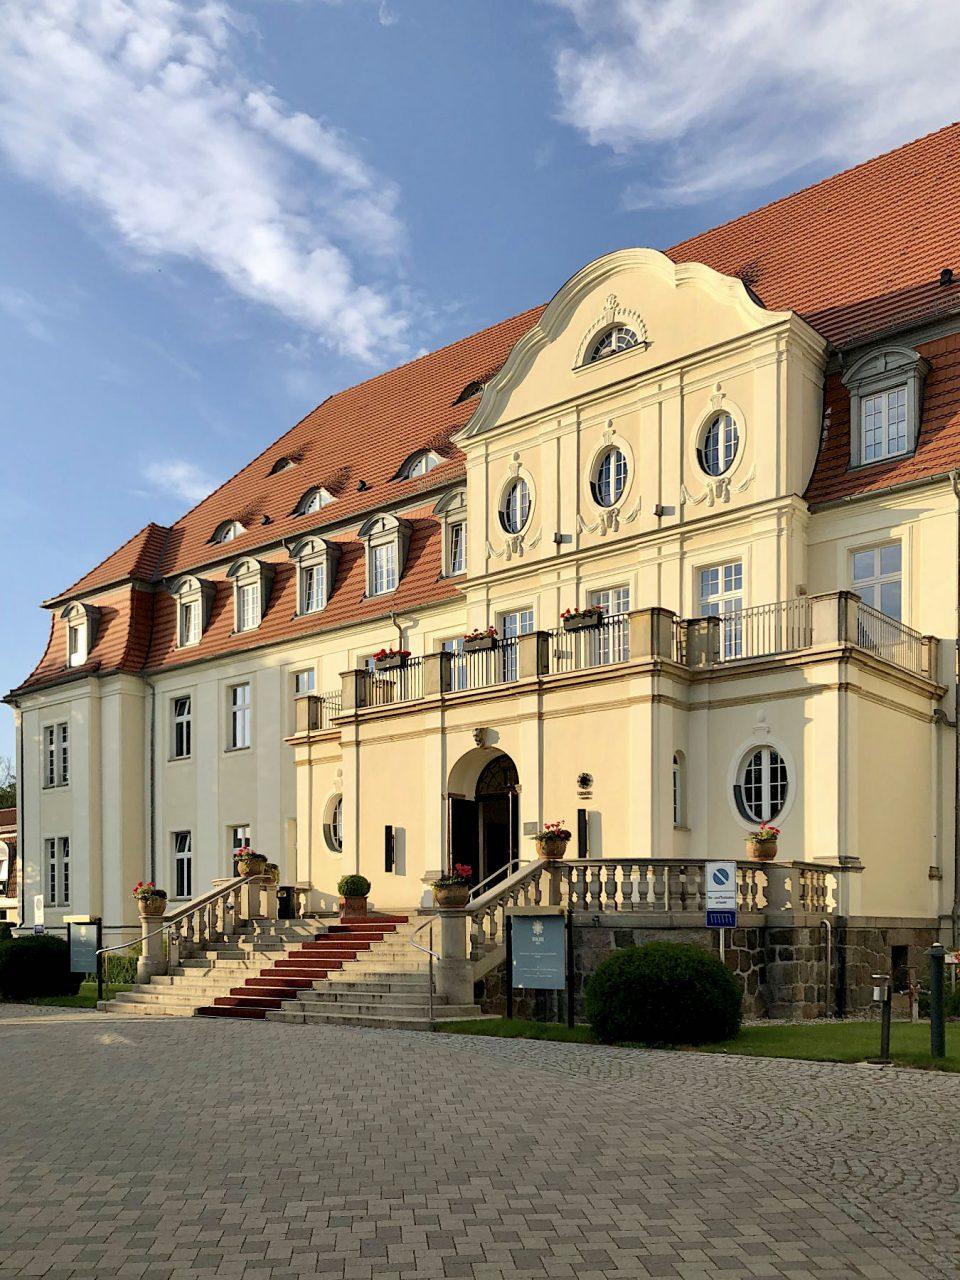 Schlosshotel Fleesensee. Entwurf:Olaf Lilloe und Ernst Paulus. Fertigstellung: 1912. Mehrere Umbauten seit den 1990er-Jahren, 2015 fertiggestellt.